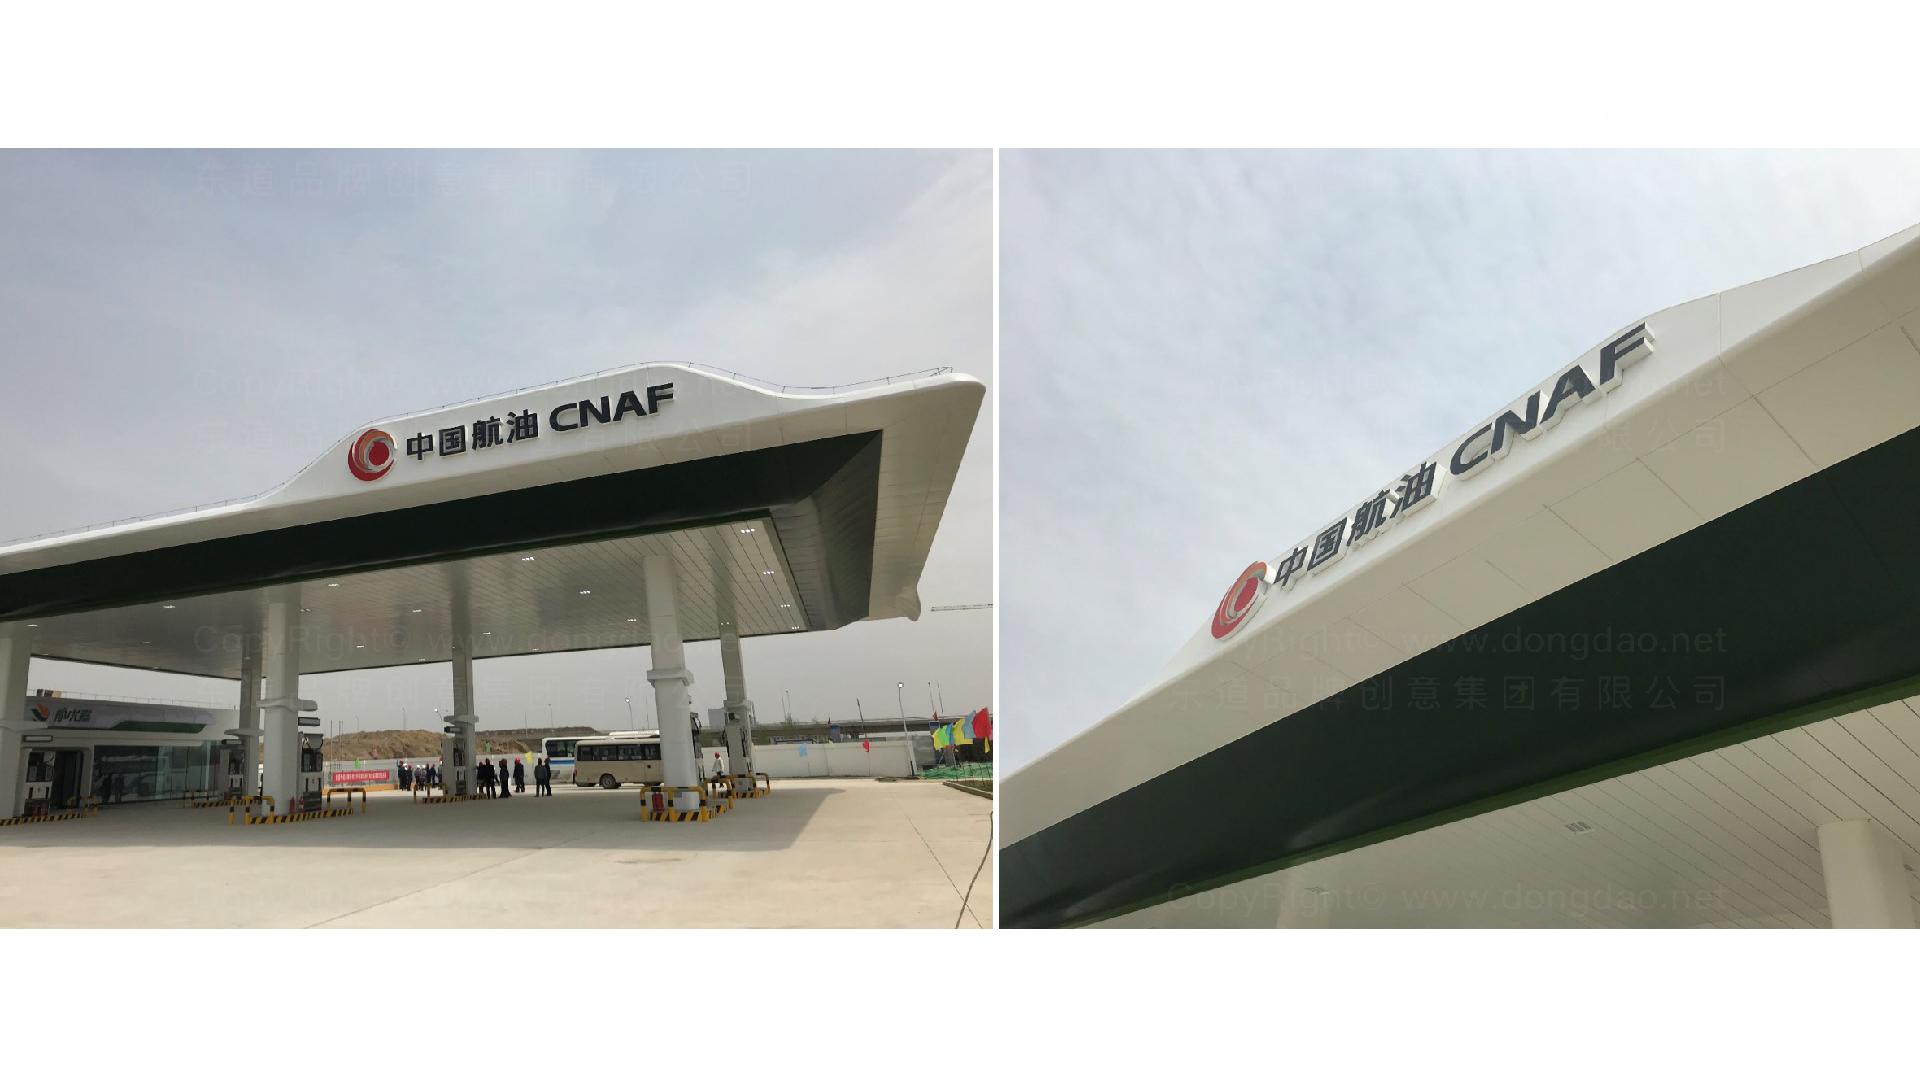 商业空间&导示中国航油加油站SI应用场景